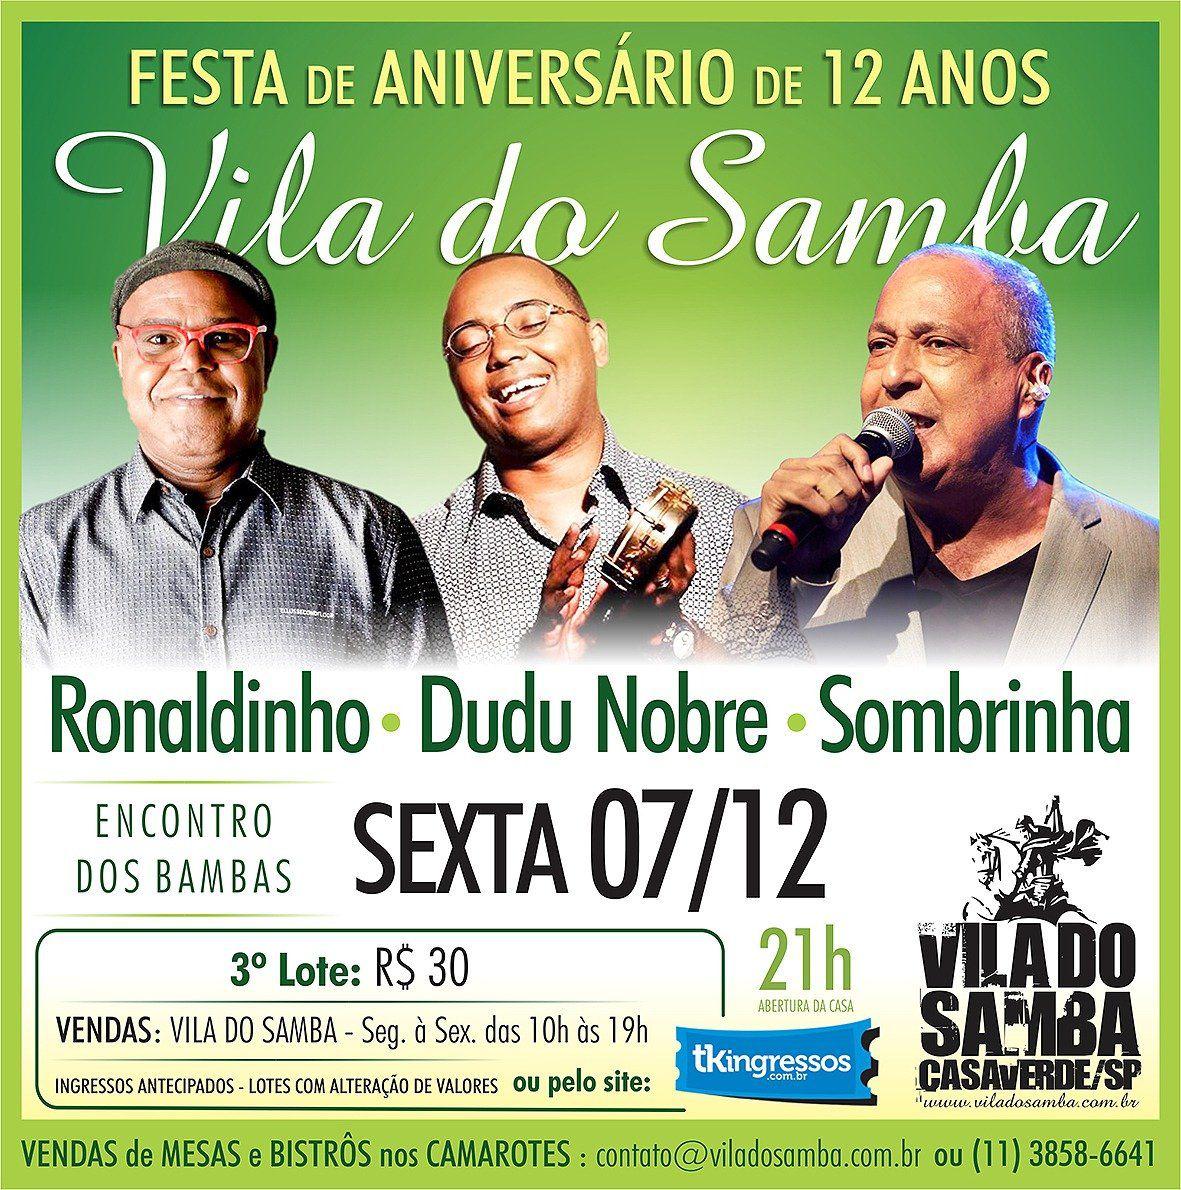 Ronaldinho, Dudu Nobre e Sombrinha - Vila do Samba - 07/12/18 - São Paulo - SP